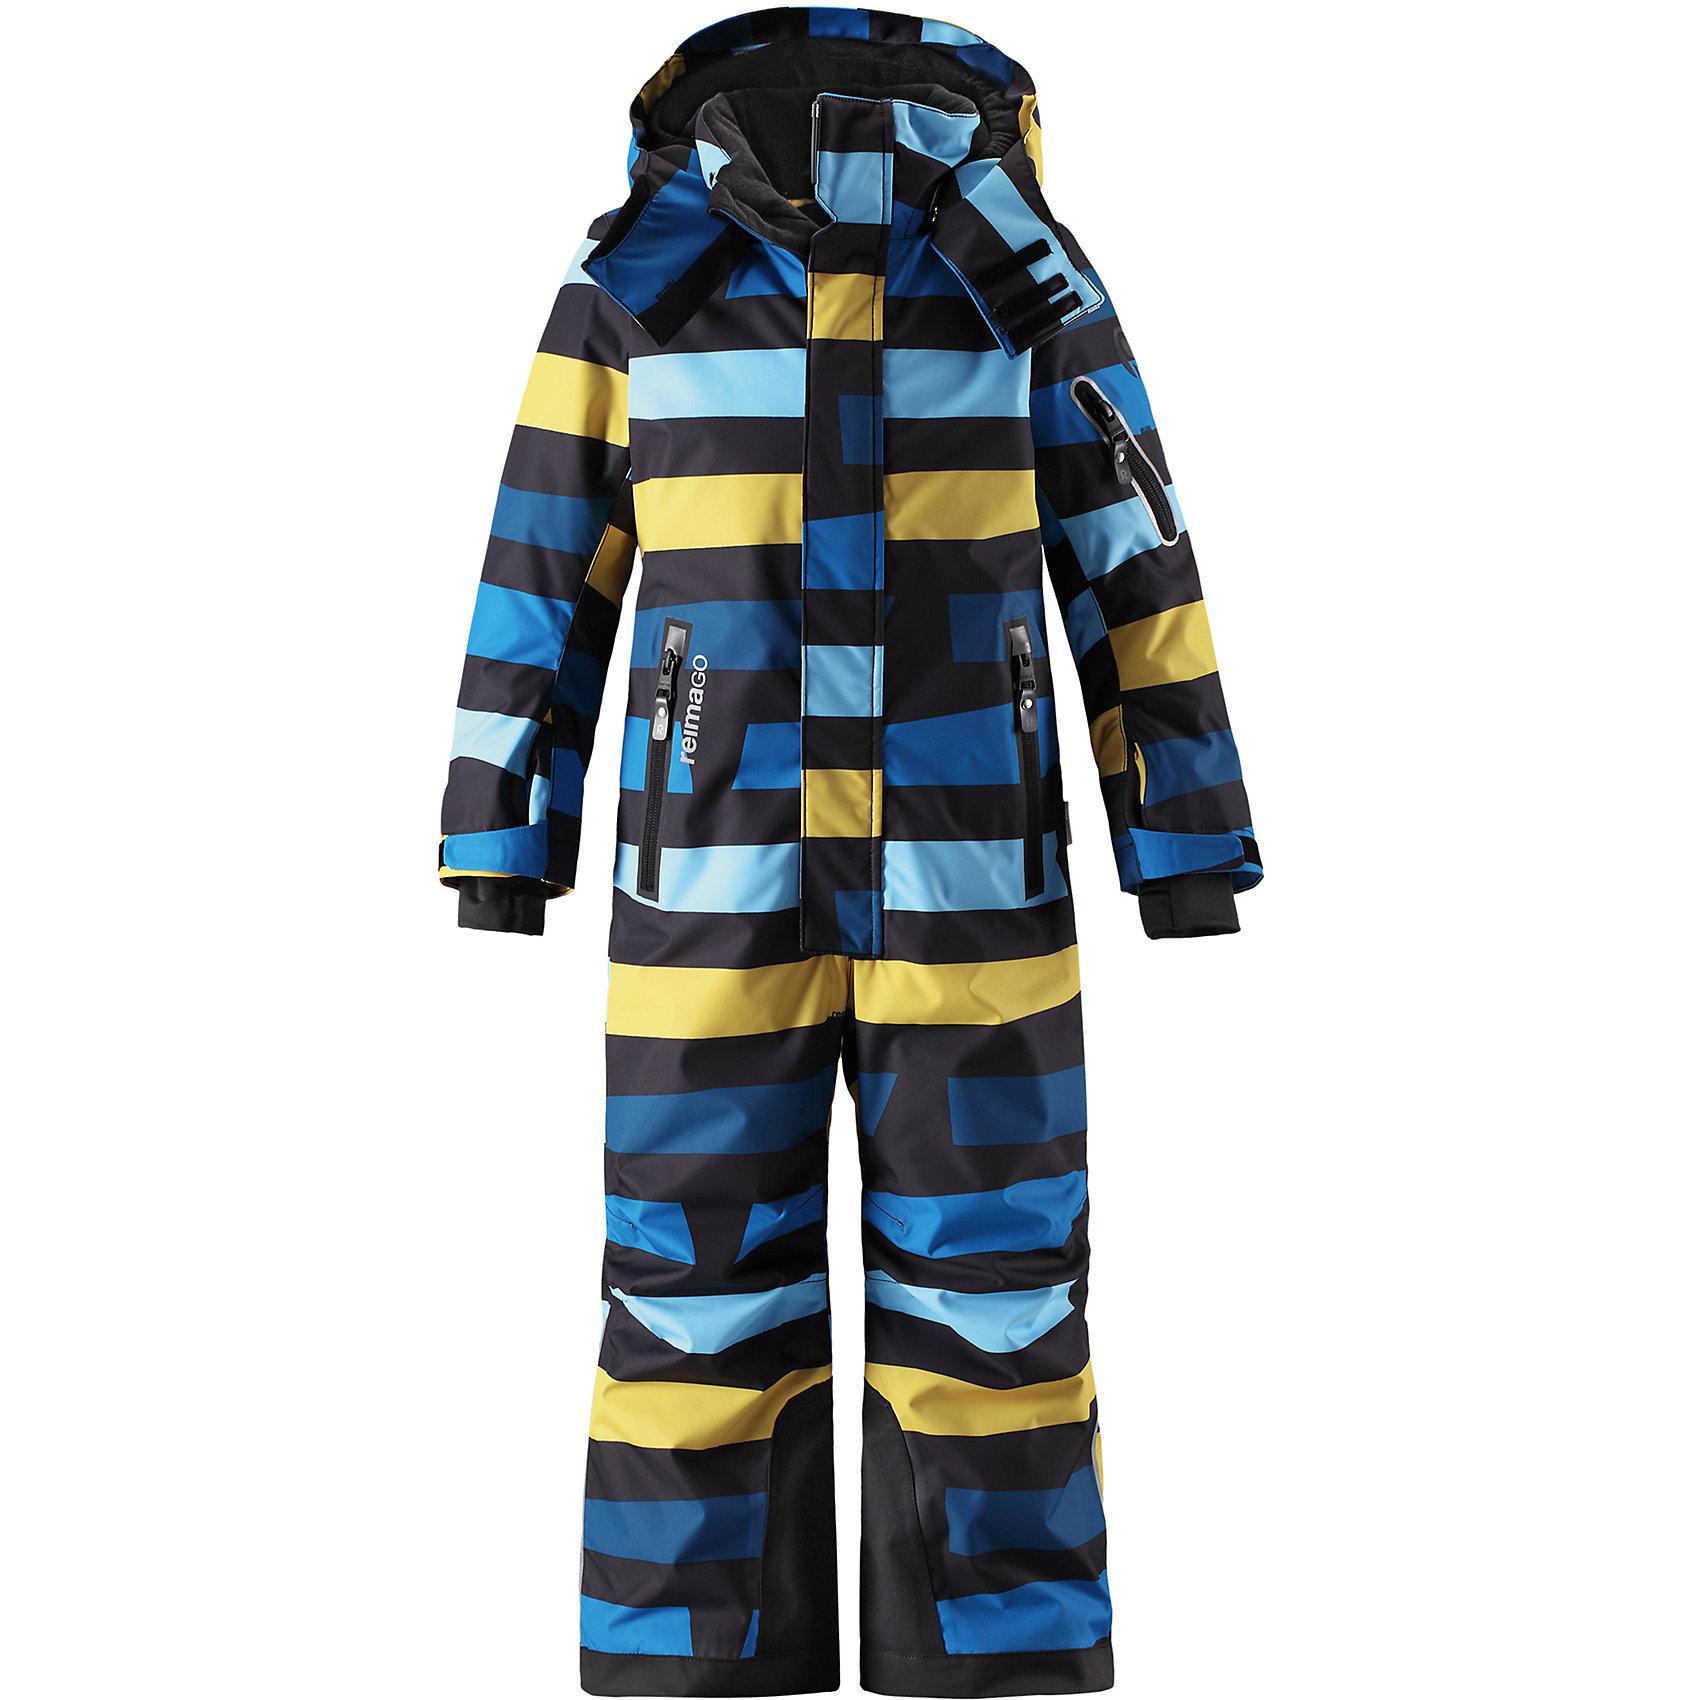 Комбинезон Reimatec® Reima ReachВерхняя одежда<br>Характеристики товара:<br><br>• цвет: синий;<br>• состав: 100% полиэстер;<br>• подкладка: 100% полиэстер;<br>• утеплитель: 140 г/м2<br>• температурный режим: от 0 до -20С;<br>• сезон: зима; <br>• водонепроницаемость: 15000/12000 мм;<br>• воздухопроницаемость: 8000/7000 мм;<br>• износостойкость: 35000/80000 циклов (тест Мартиндейла);<br>• водо- и ветронепроницаемый, дышащий и грязеотталкивающий материал;<br>• прочные усиленные вставки внизу брючин;<br>• все швы проклеены и водонепроницаемы;<br>• гладкая подкладка из полиэстера;<br>• эластичные манжеты;<br>• застежка: молния с защитой подбородка;<br>• безопасный съемный и регулируемый капюшон на кнопках;<br>• регулируемые манжеты и внутренние манжеты из лайкры;<br>• регулируемый обхват талии;<br>• снегозащитные манжеты на штанинах;<br>• карманы на молнии, карман slipass на рукаве;<br>• кармана с креплением для сенсора ReimaGO®;<br>• светоотражающие детали;<br>• страна бренда: Финляндия;<br>• страна изготовитель: Китай.<br><br>Абсолютно непромокаемый и прочный детский зимний комбинезон Reimatec® с полностью проклеенными швами. Сверхпрочные усиления на концах брючин. Этот практичный комбинезон изготовлен из ветронепроницаемого и дышащего материала, поэтому вашему ребенку будет тепло и сухо, к тому же он не вспотеет. Комбинезон снабжен гладкой подкладкой из полиэстера. <br><br>В этом комбинезоне прямого кроя талия при необходимости легко регулируется, что позволяет подогнать комбинезон точно по фигуре. Кроме того, он снабжен регулируемыми манжетами и внутренними манжетами из лайкры. Съемный и регулируемый капюшон защищает от пронизывающего ветра, а еще он безопасен во время игр на свежем воздухе. Кнопки легко отстегиваются, если капюшон случайно за что-нибудь зацепится. <br><br>Два кармана на молнии, карман для лыжной карты и специальный карман для сенсора ReimaGO®. Материал имеет грязеотталкивающую поверхность, и при этом его можно сушить в сушильной машине. Светоотражаю